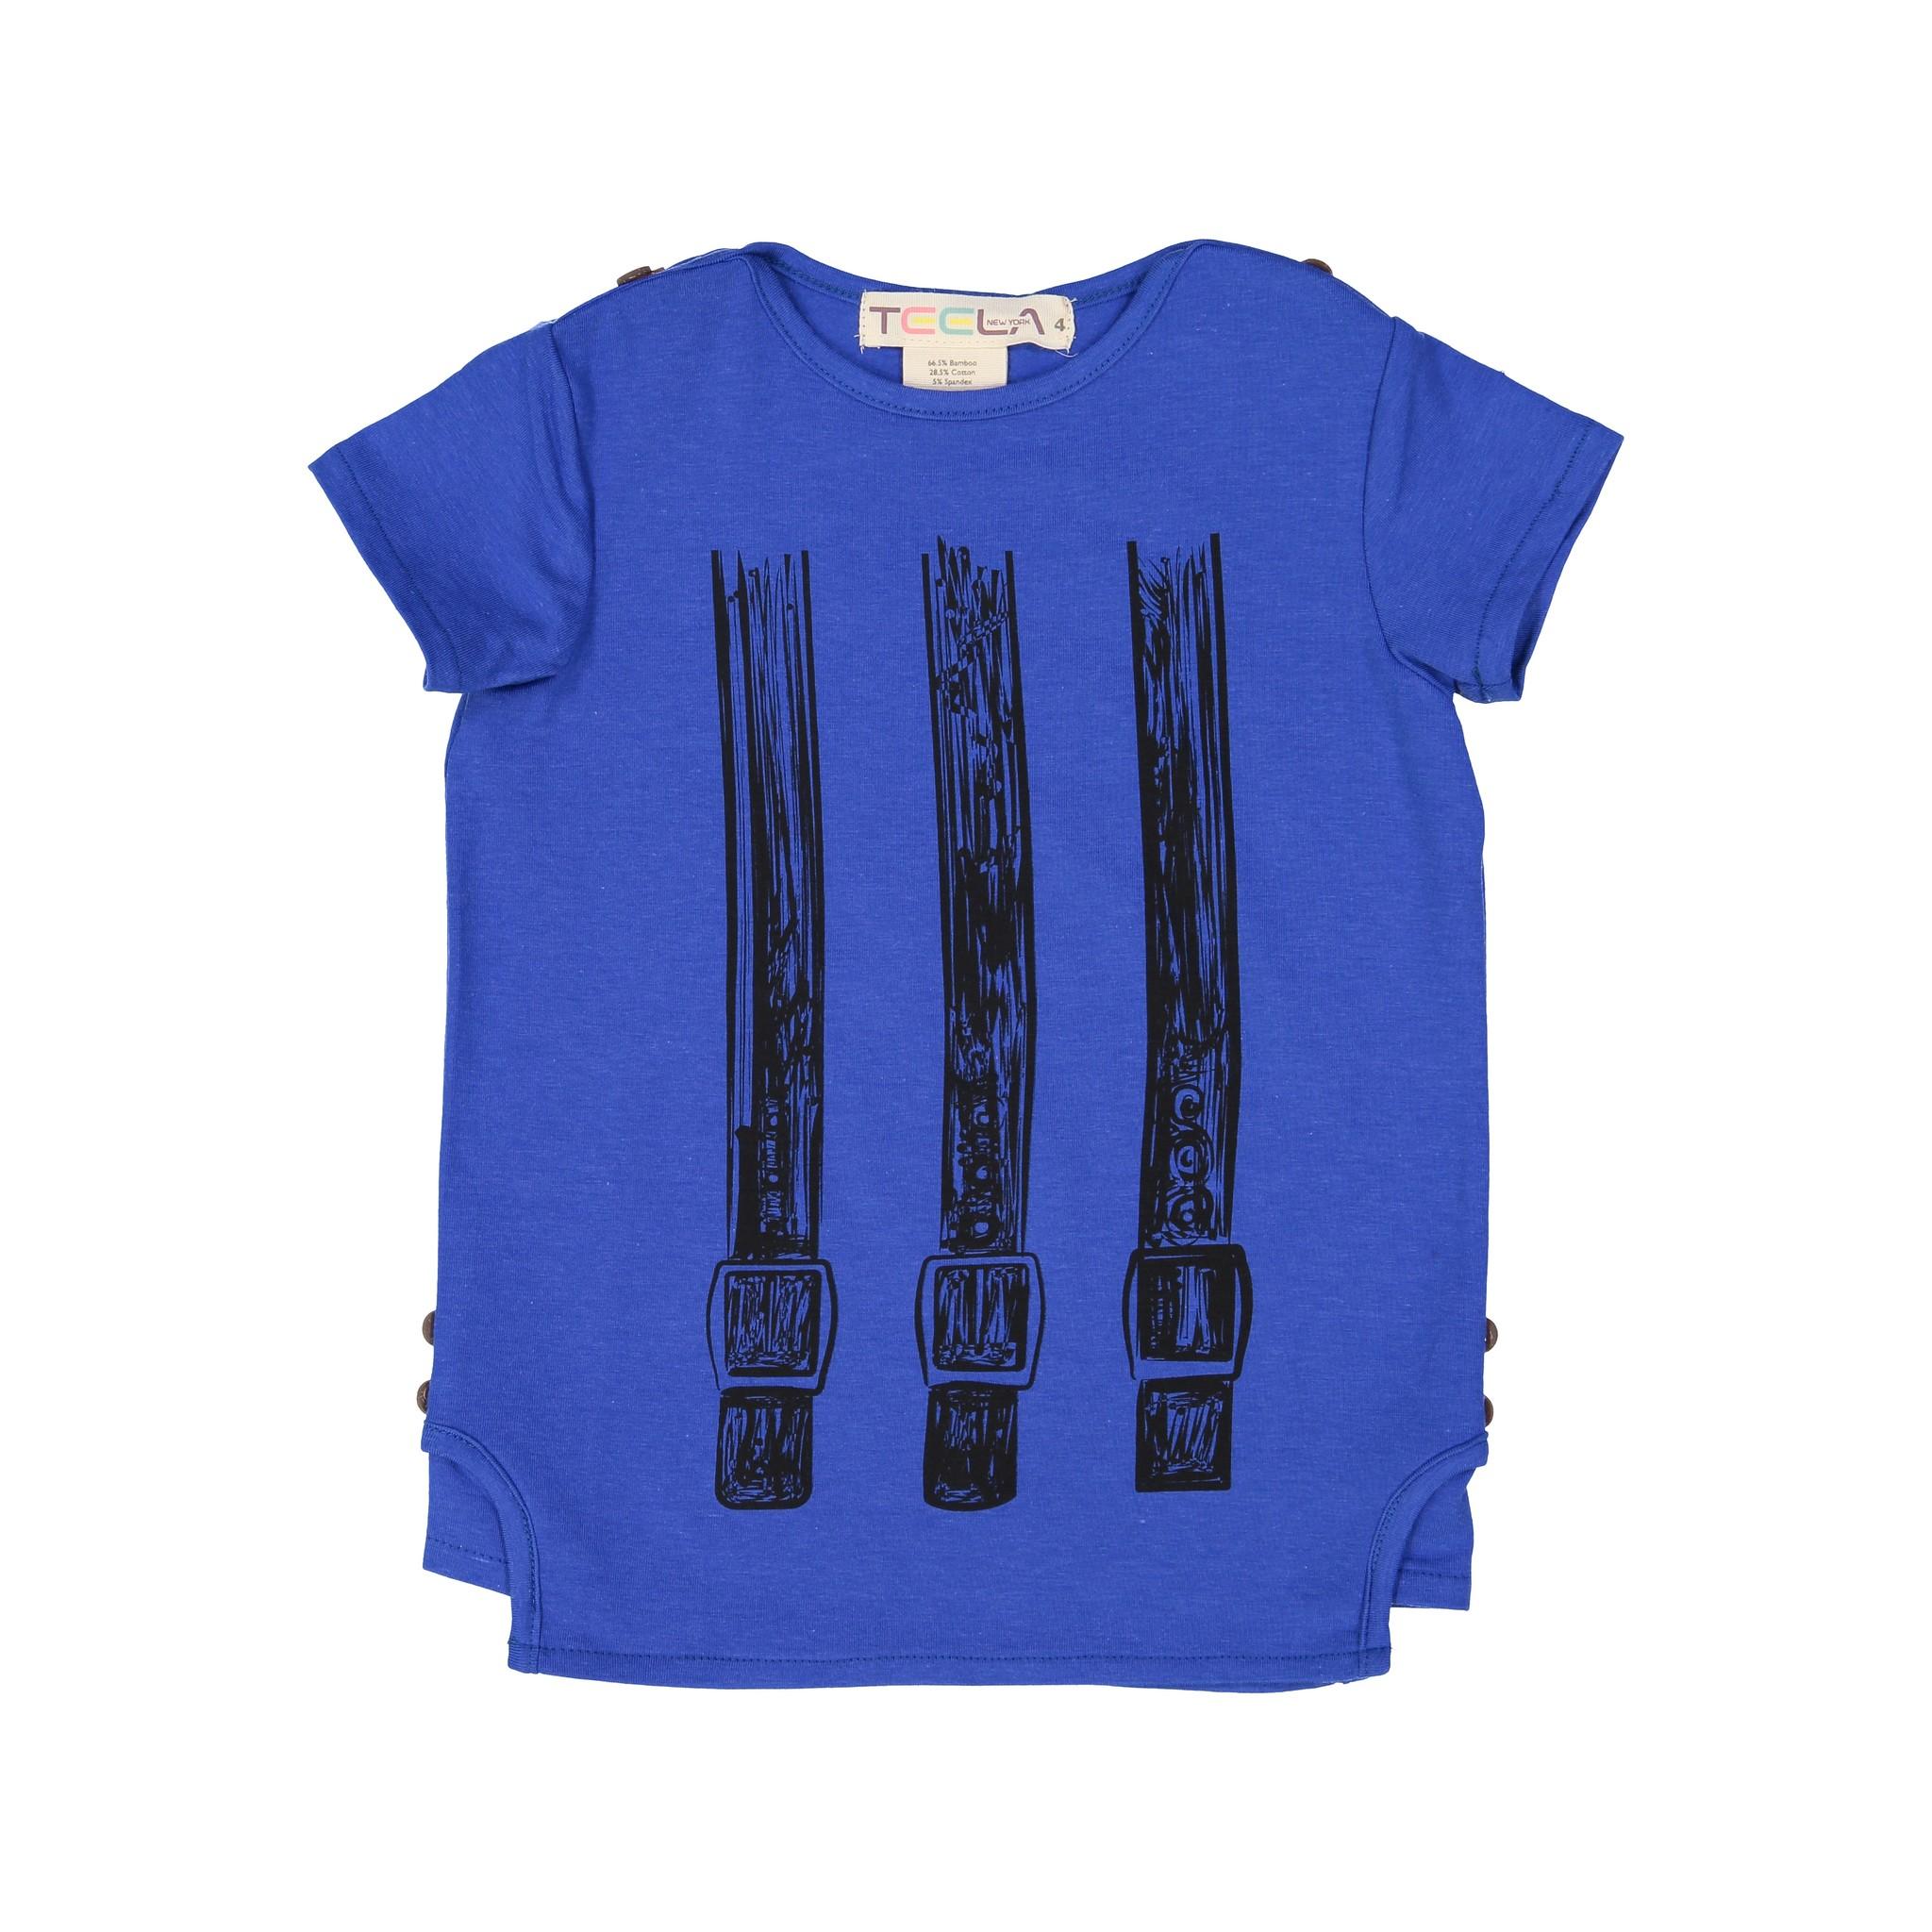 Teela BELT Boy's Tshirt Dazzling Blue